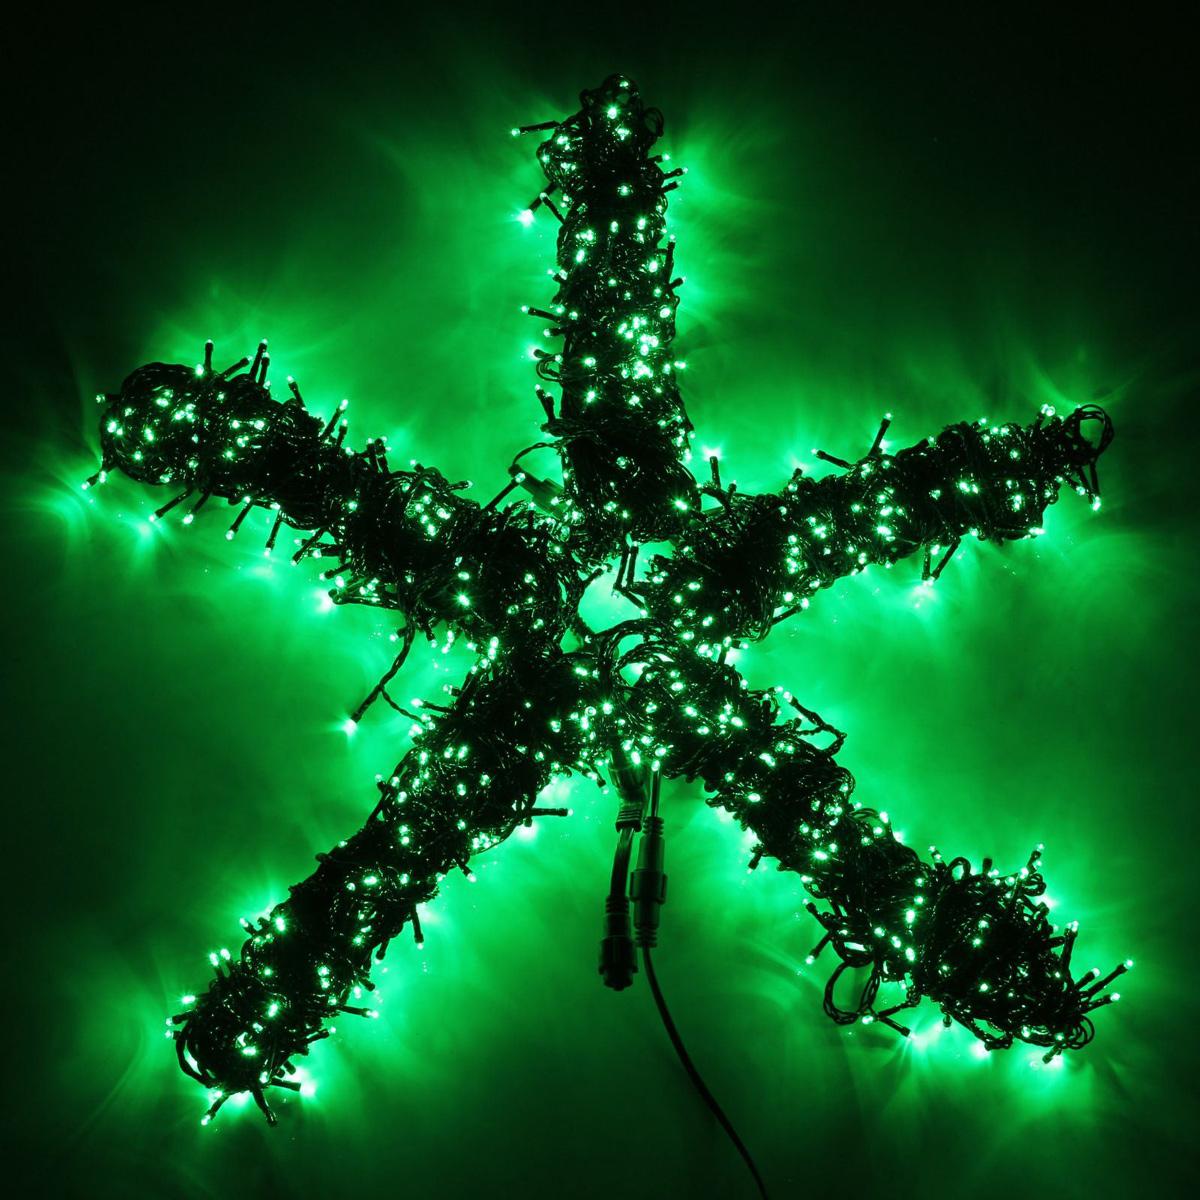 Гирлянда светодиодная Luazon Клип лайт, цвет: зеленый, уличная, 1000 ламп, 24 V, 5 х 20 м. 15860561586056Светодиодные гирлянды и ленты — это отличный вариант для новогоднего оформления интерьера или фасада. С их помощью помещение любого размера можно превратить в праздничный зал, а внешние элементы зданий, украшенные ими, мгновенно станут напоминать очертания сказочного дворца. Такие украшения создают ауру предвкушения чуда. Деревья, фасады, витрины, окна и арки будто специально созданы, чтобы вы украсили их светящимися нитями.